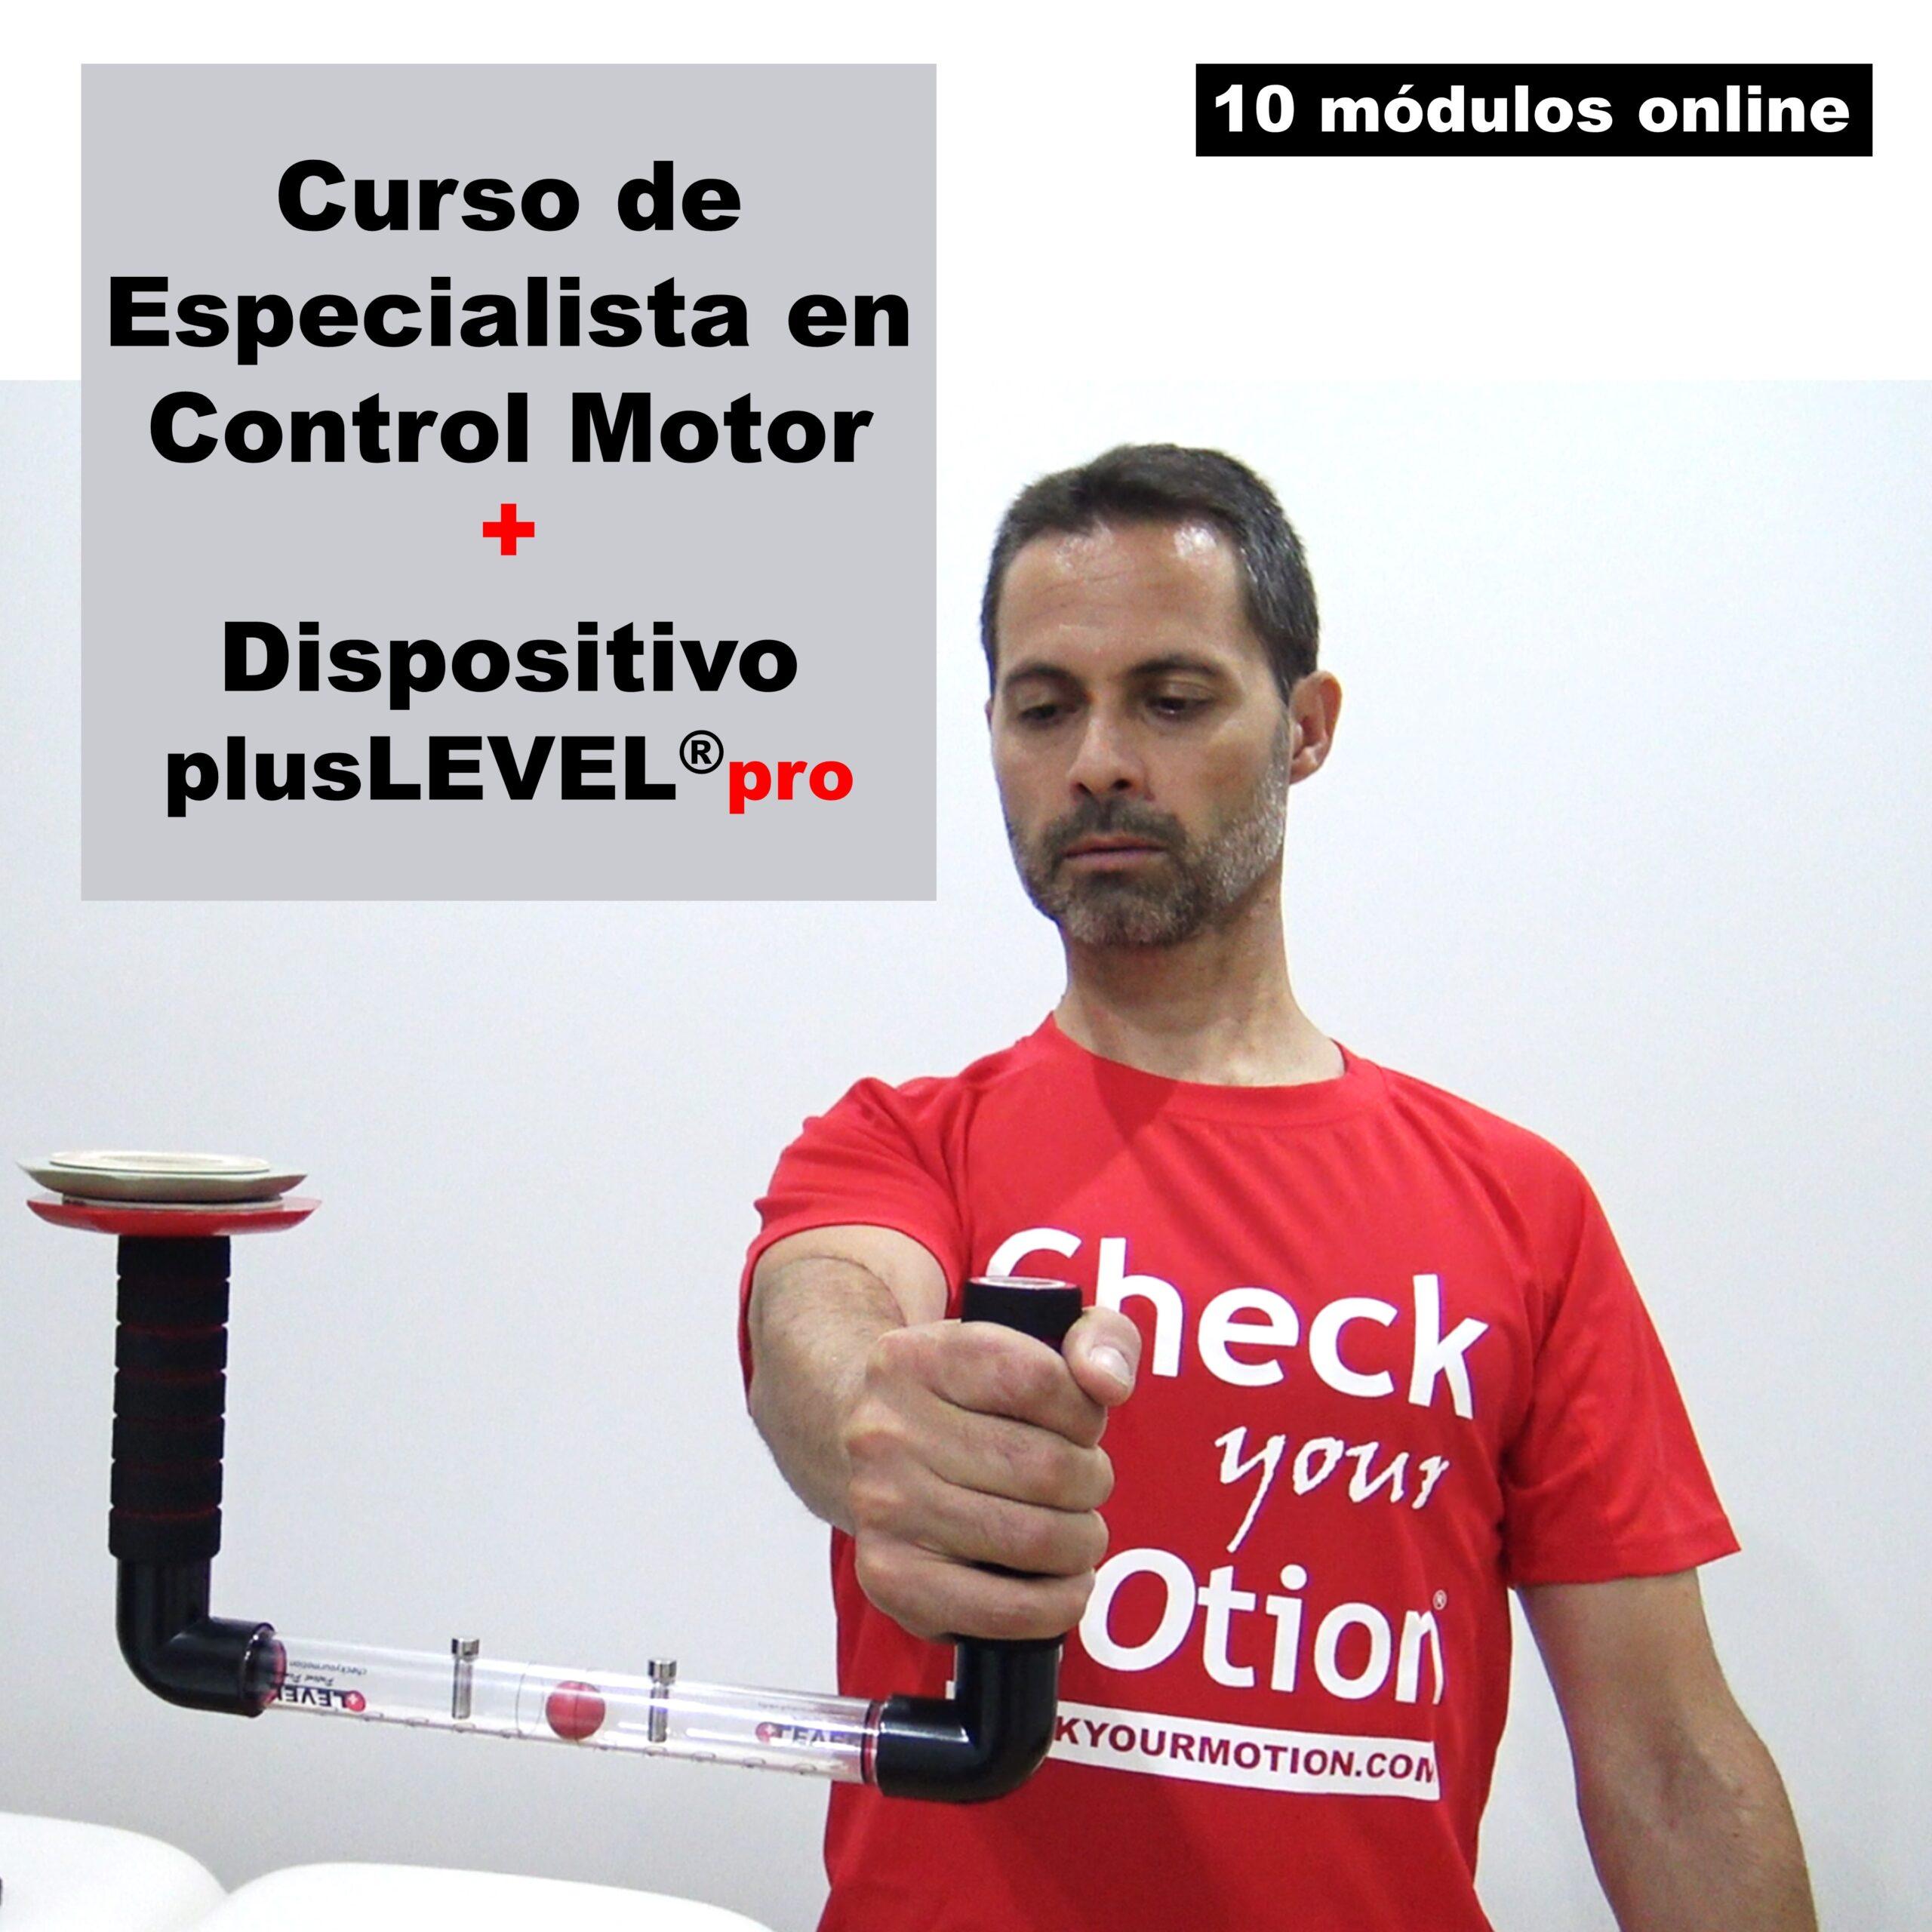 Ejercicio terapéutico y control motor